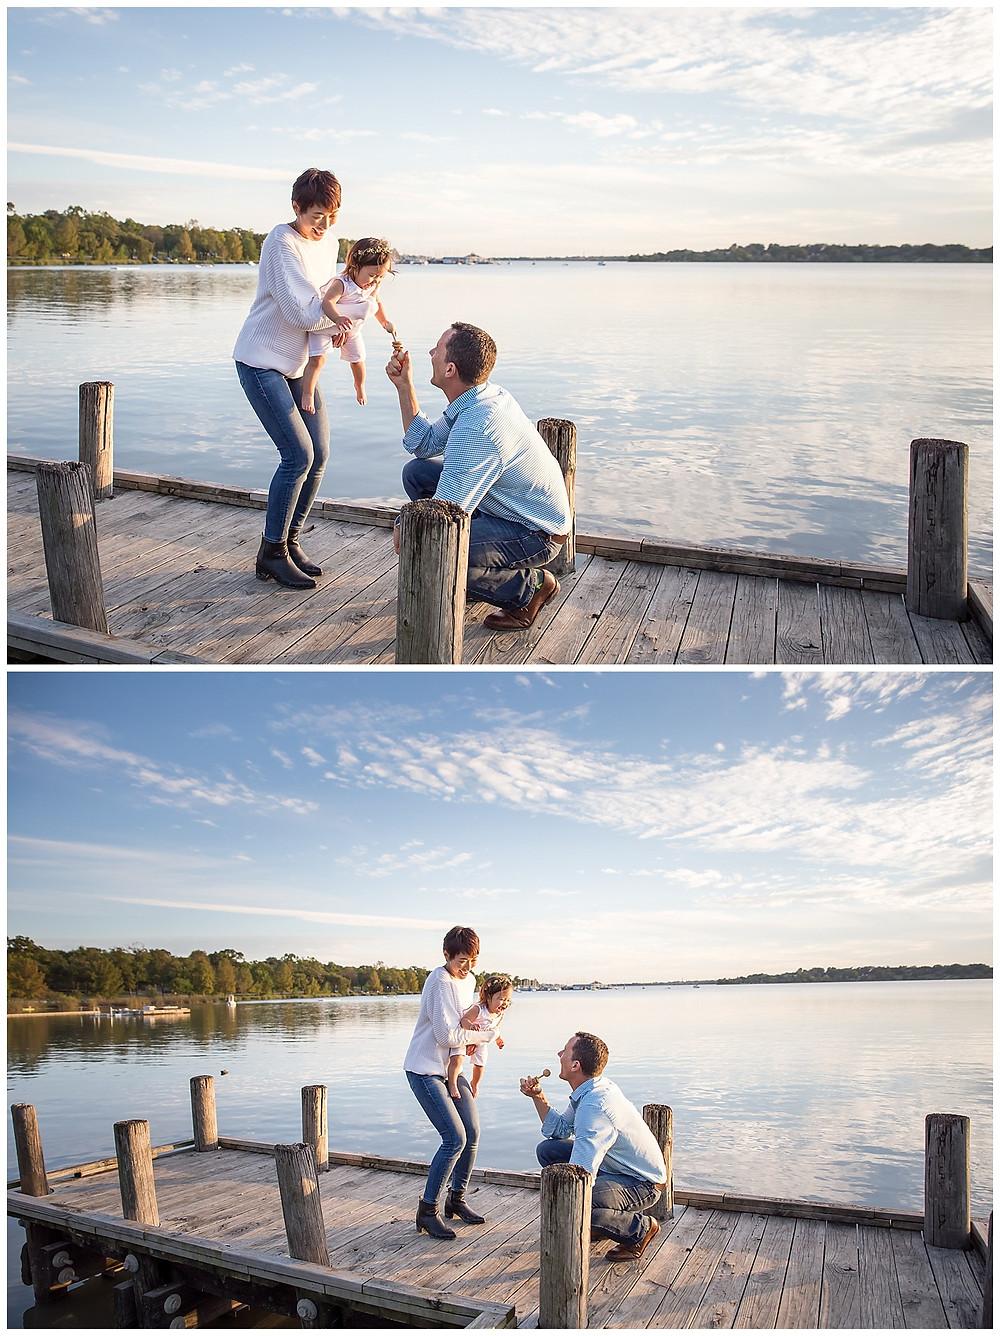 fun lake family photo session